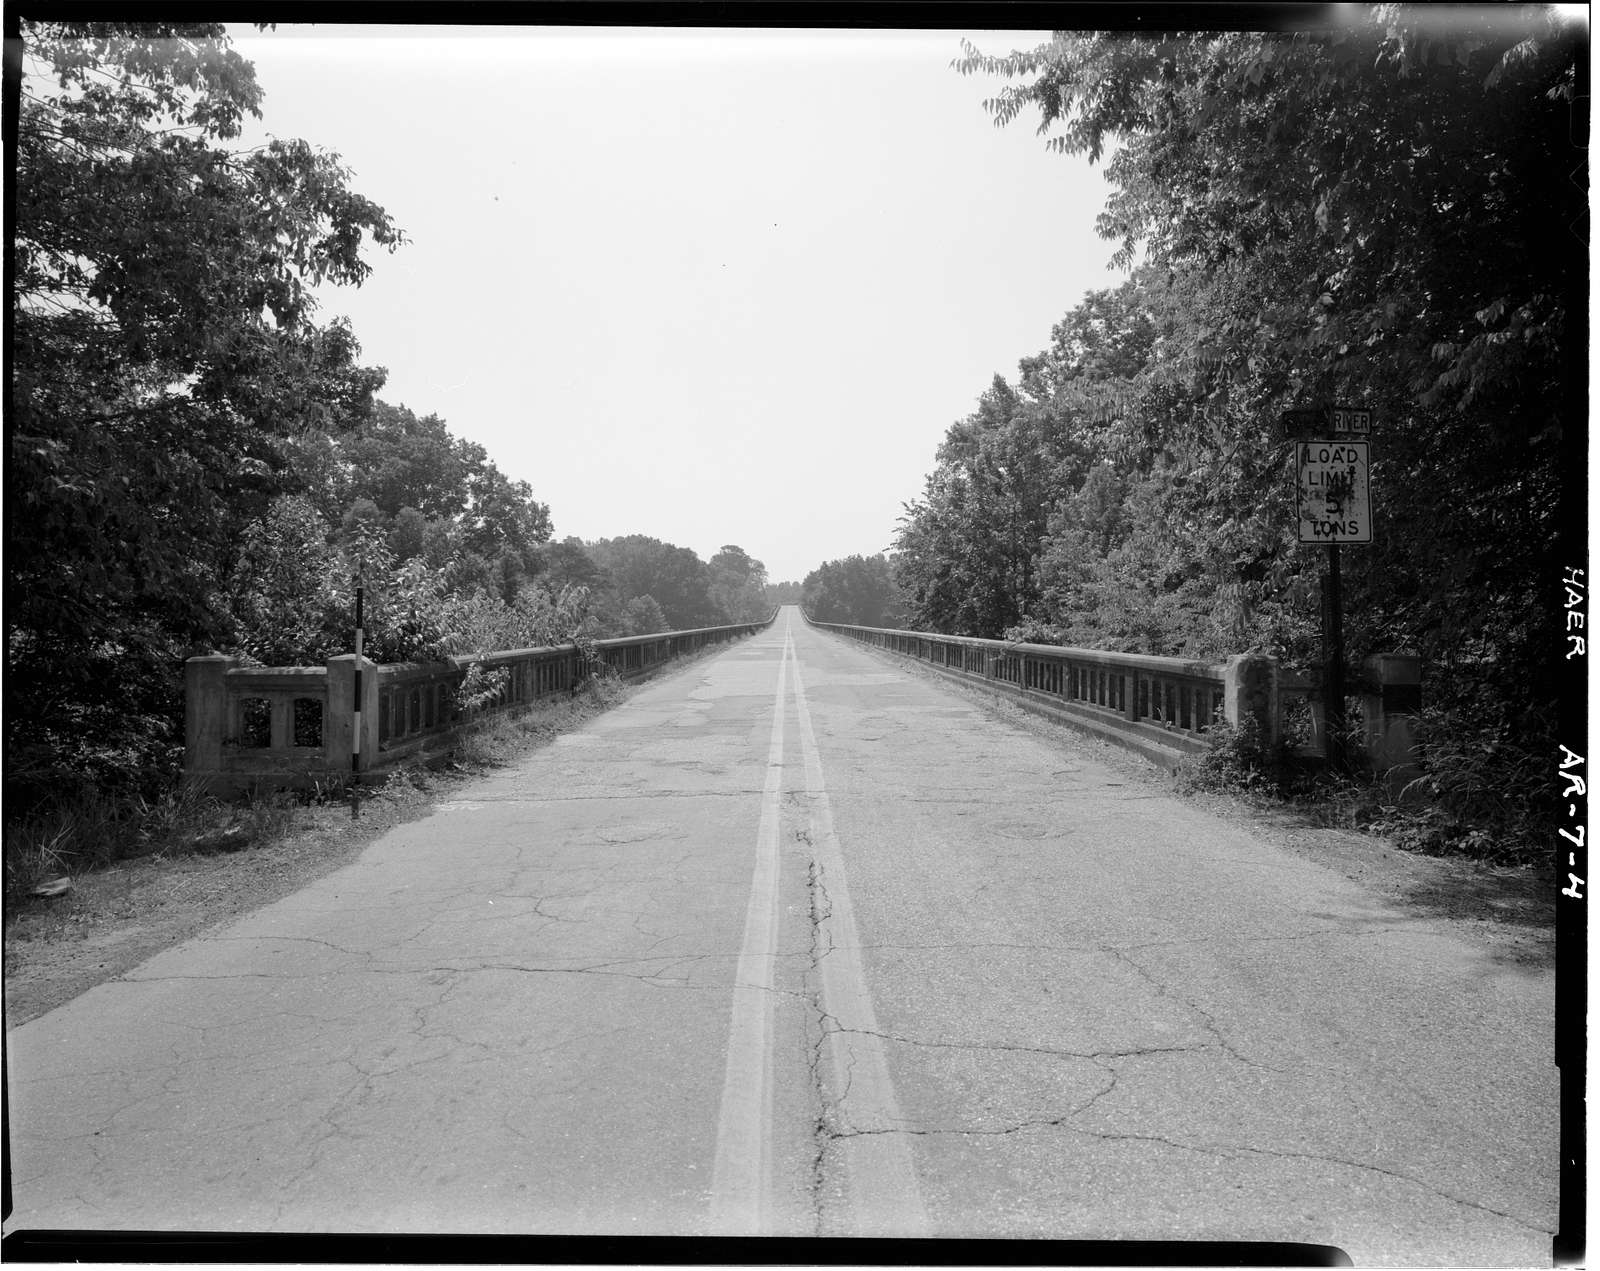 Saline River Bridge, County Highway 365 across Saline River, Benton, Saline County, AR